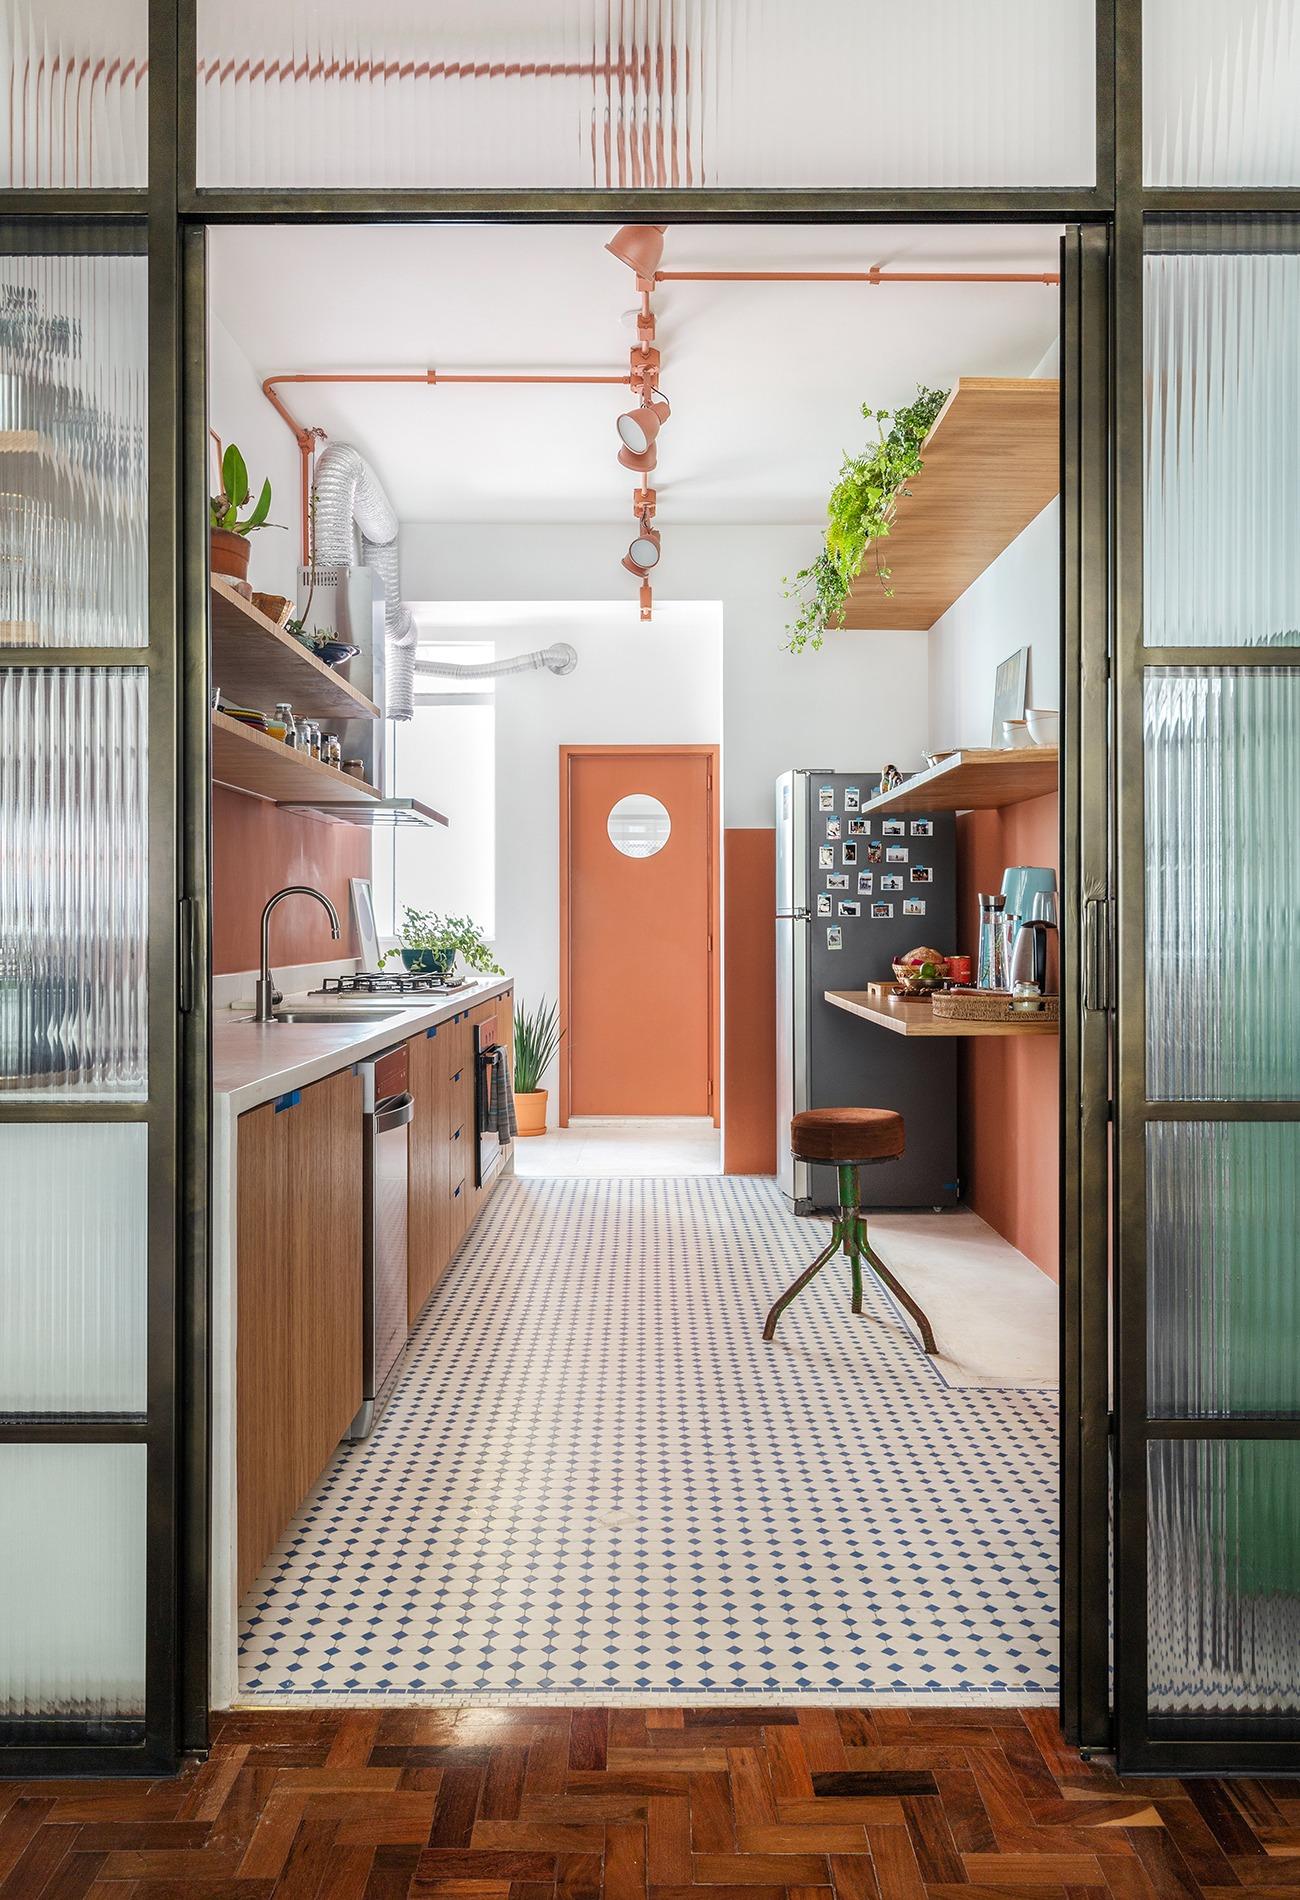 Apartamento cozinha paredes coloridas